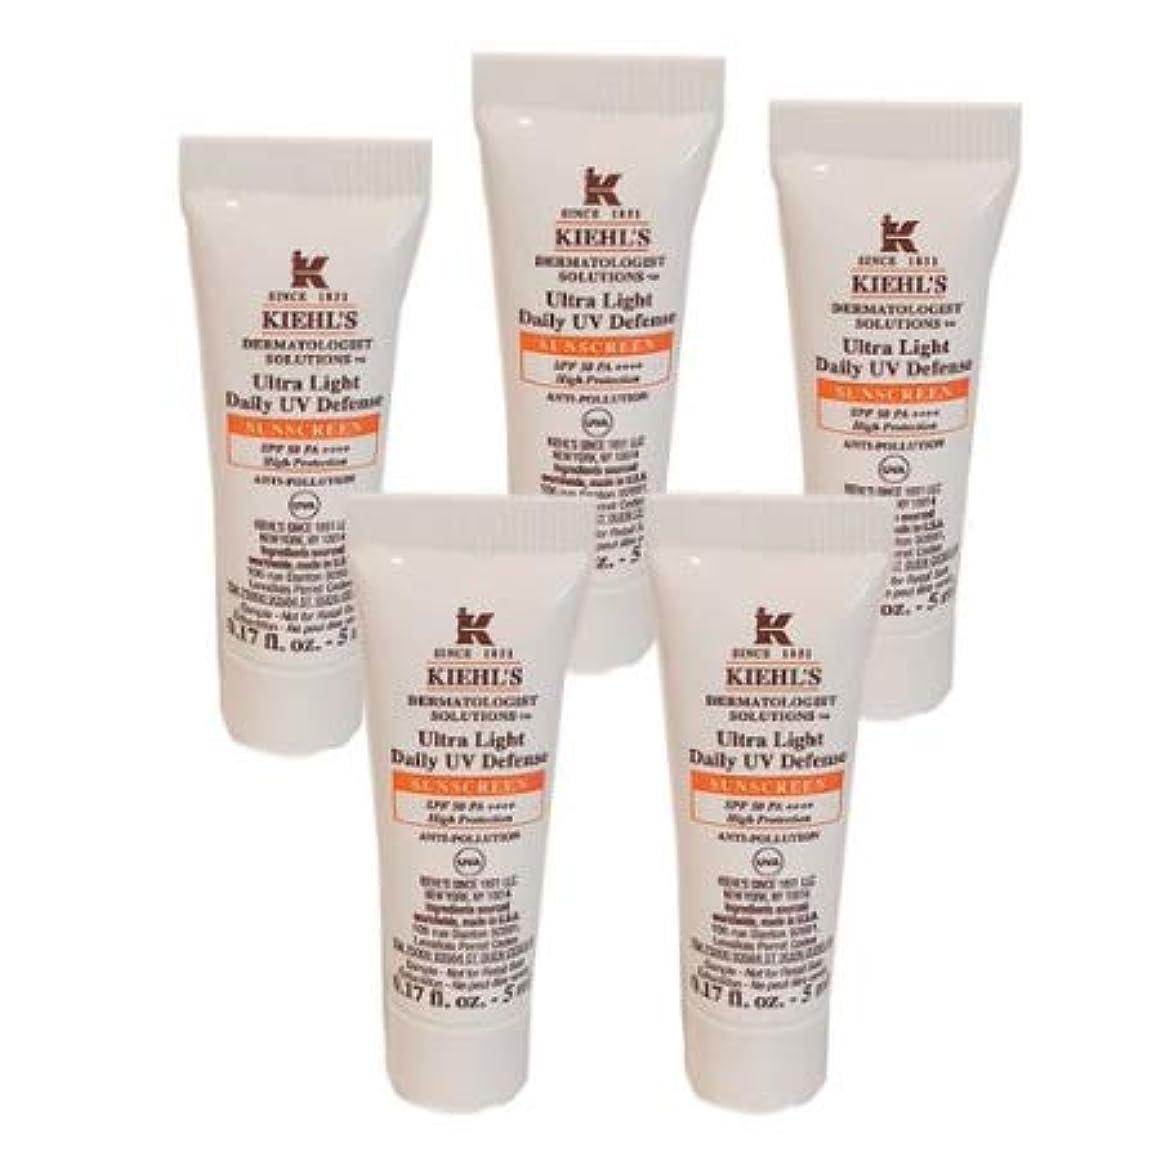 リズミカルな従来の理容室Kiehl's(キールズ) キールズ UVディフェンス (5ml x 5個) / KIEHL'S Ultra Light Daily UV Defense Sunscreen SPF 50 PA++++